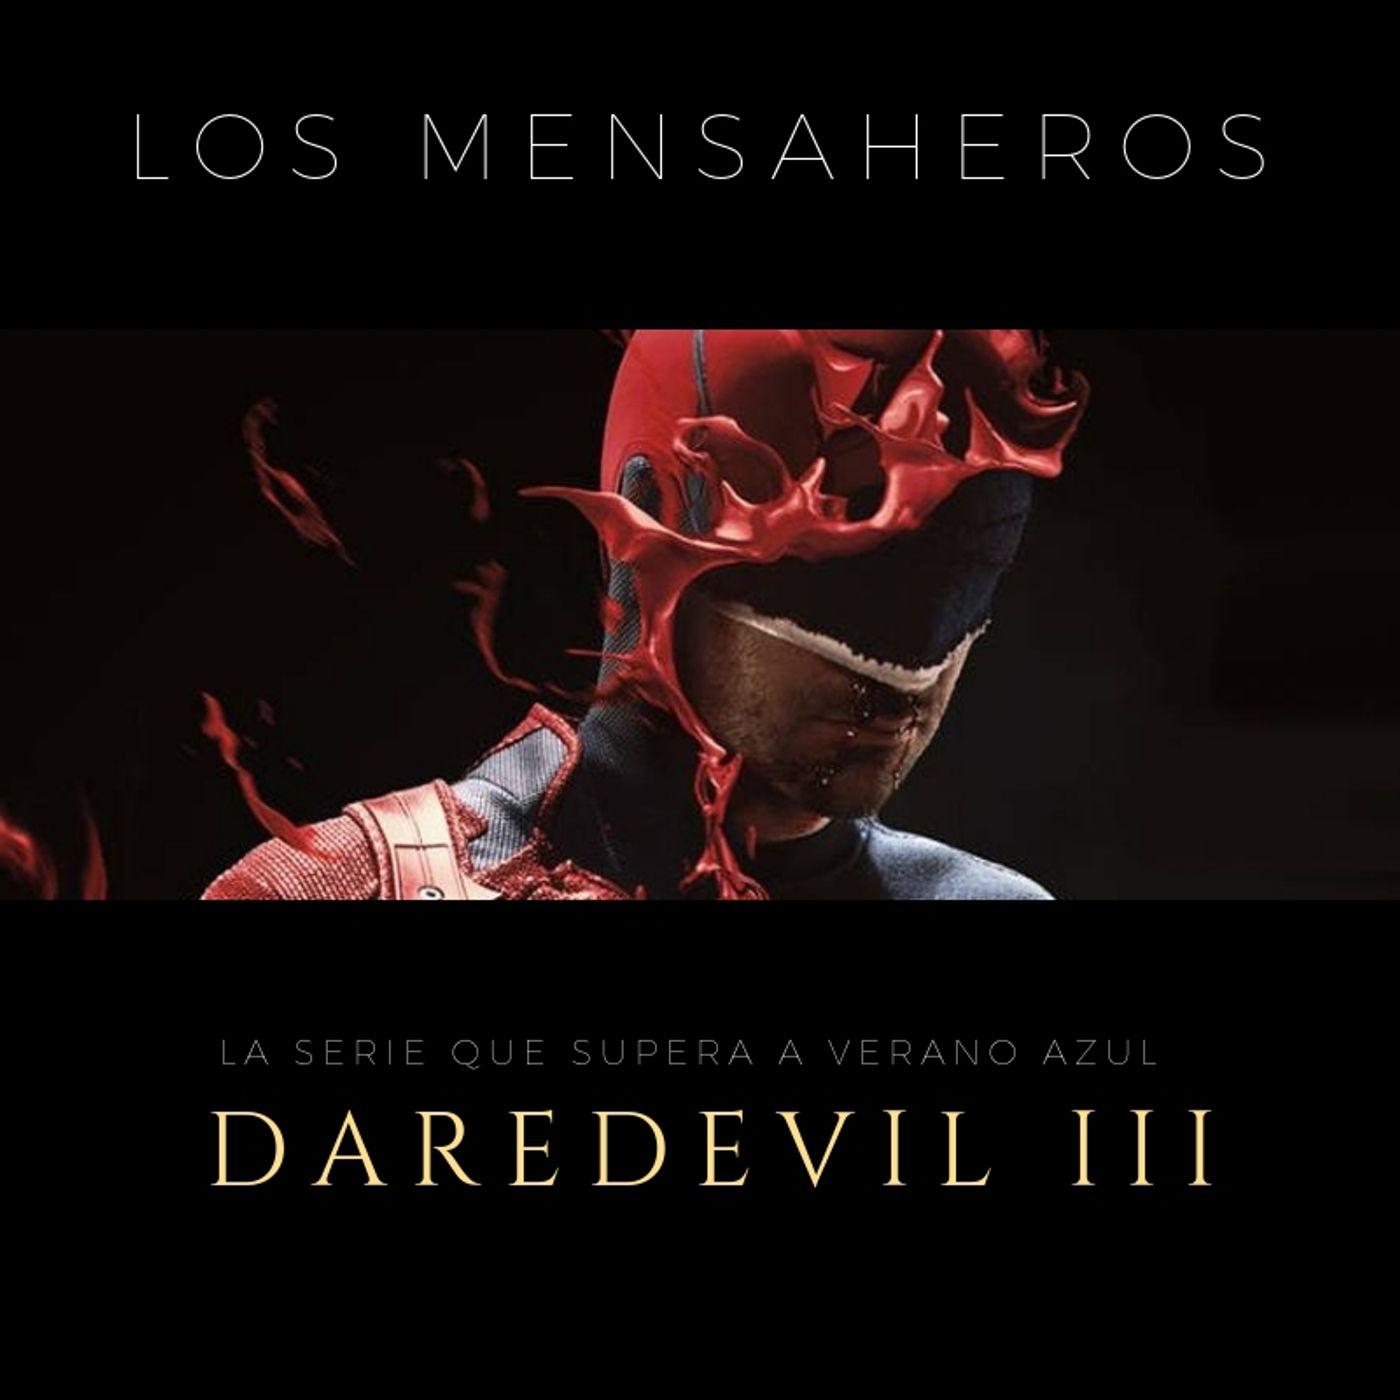 Los Mensaheros 040 Daredevil 3 la serie que supera a verano azul con audio de @gh_objetivo @losmensaheros